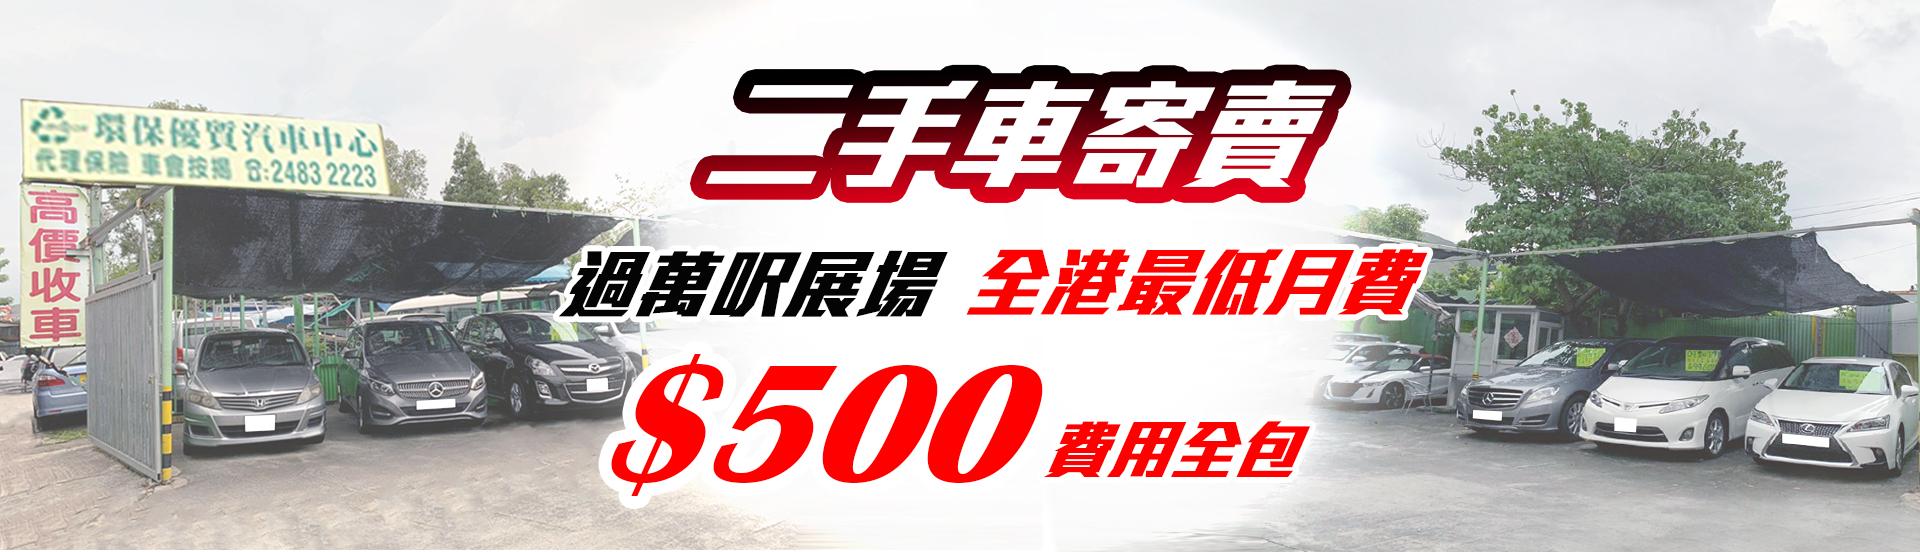 二手車寄賣服務-月費$500-全港最低